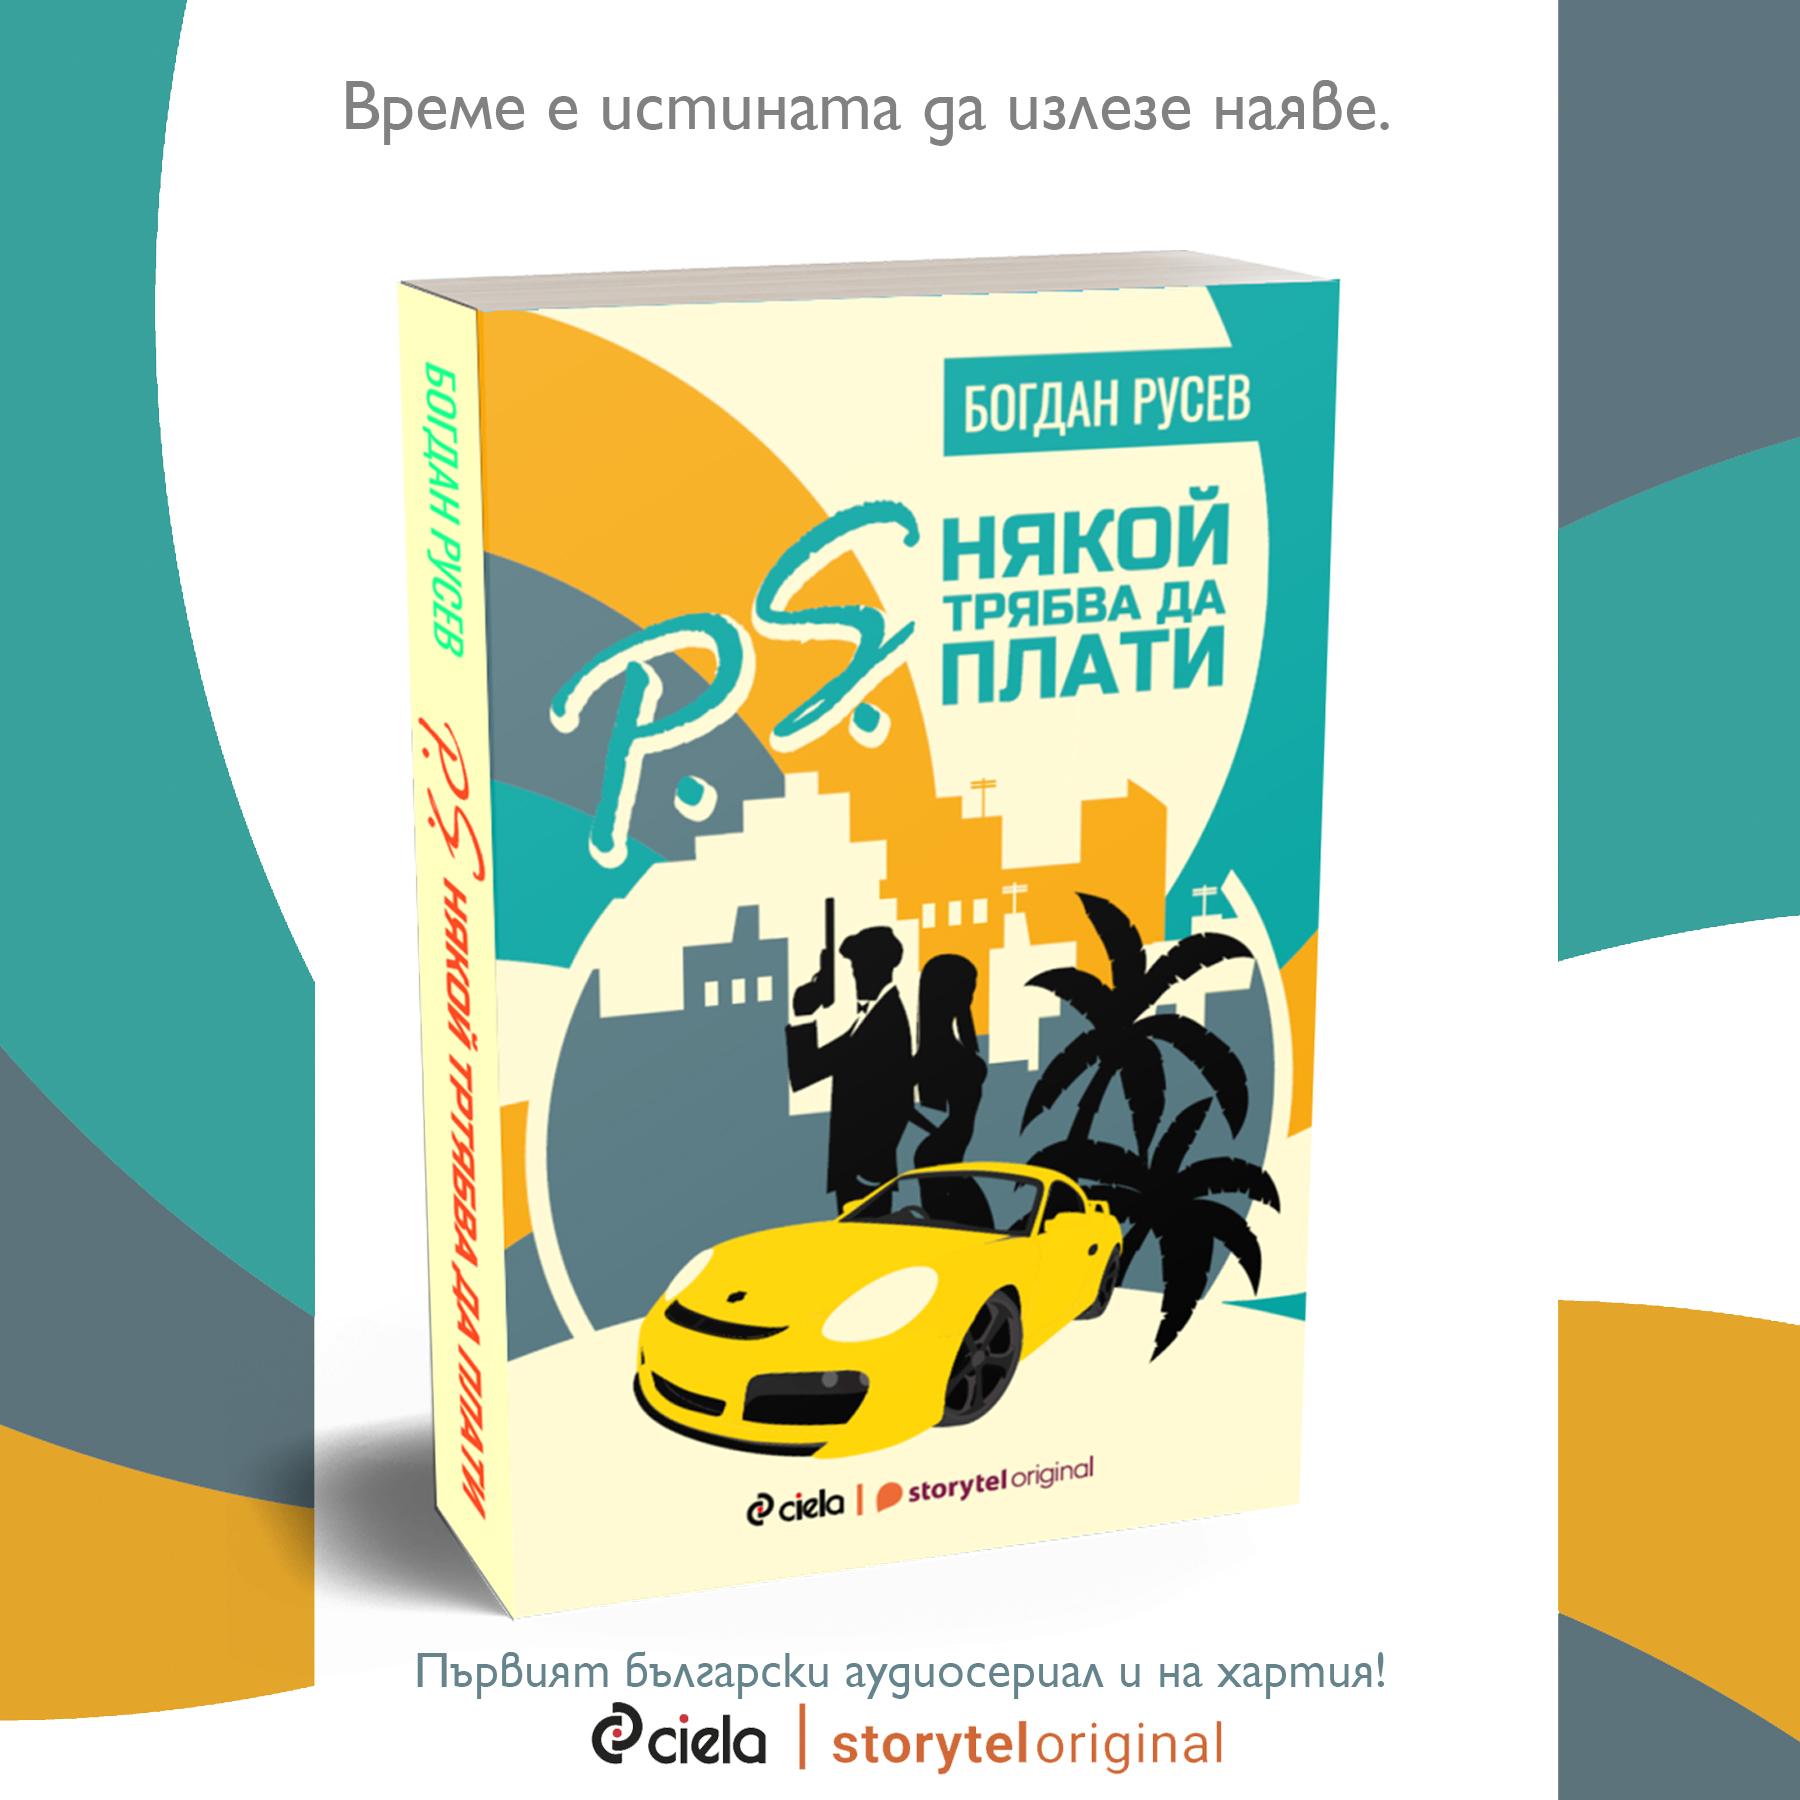 Първият български аудиосериал оживява и на хартия 139